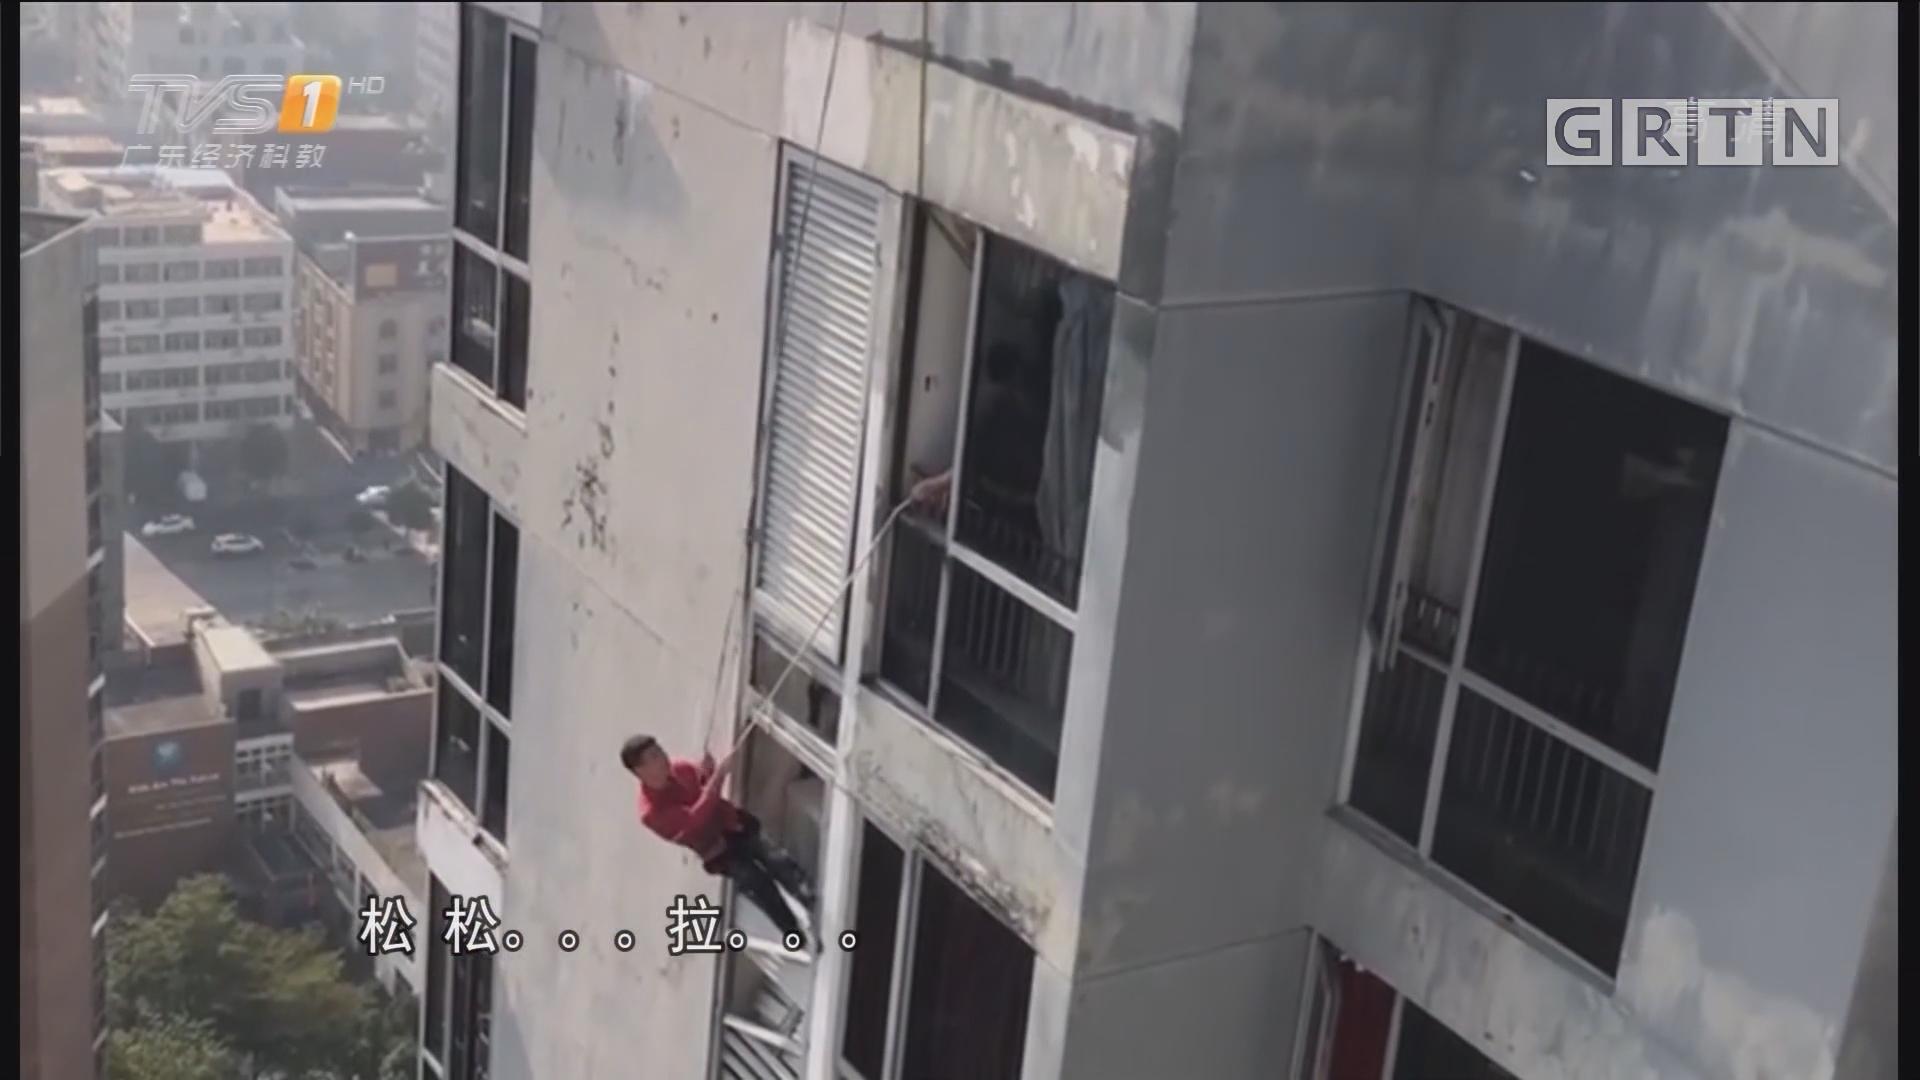 东莞厚街:男子被困空调机箱窗 消防成功救援